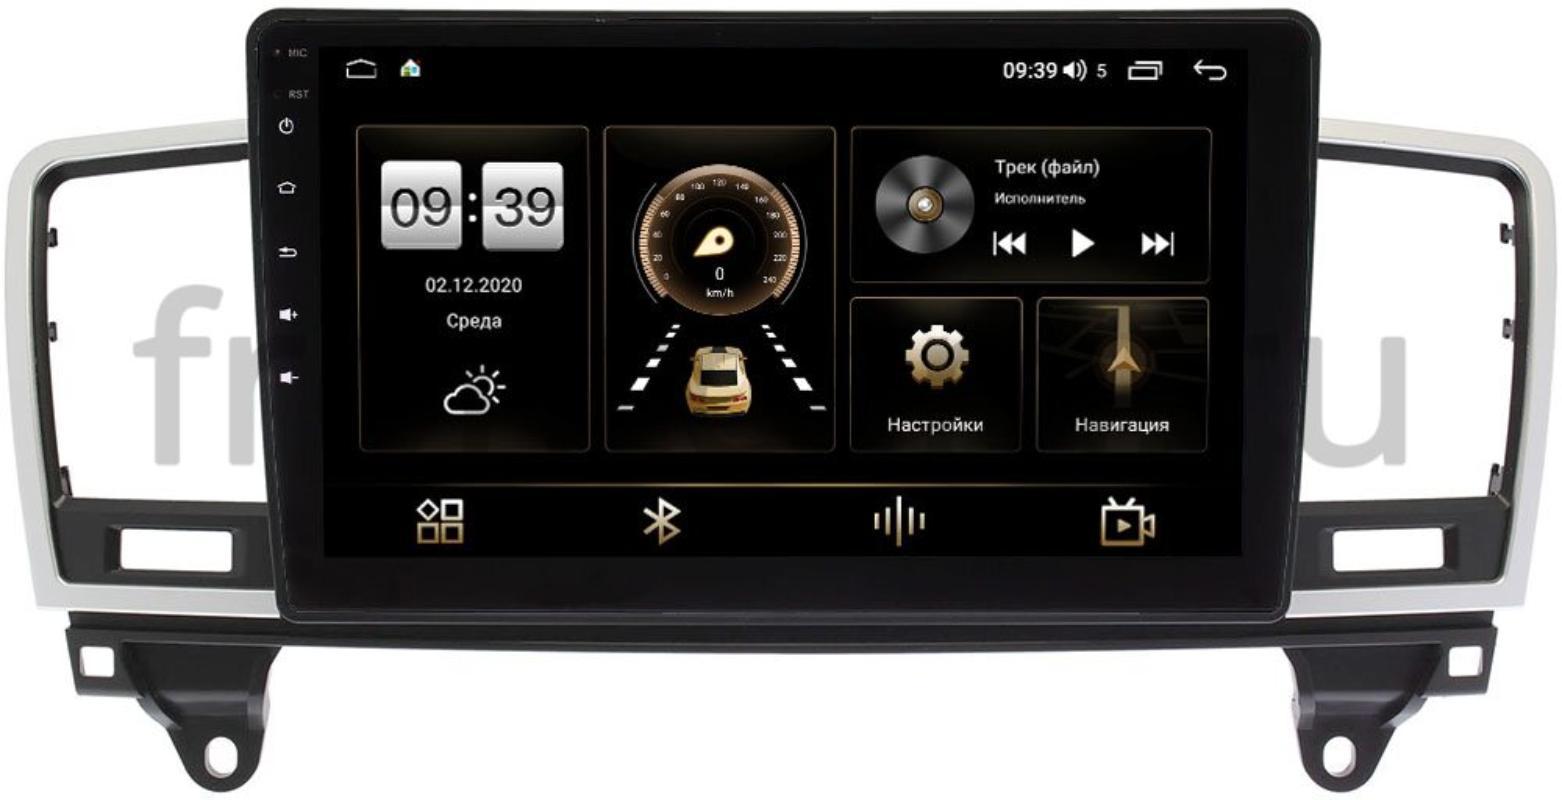 Штатная магнитола Mercedes GL-klasse (X166), ML-klasse (W166) 2011-2015 LeTrun 4166-9395 на Android 10 (4G-SIM, 3/32, DSP, QLed) (+ Камера заднего вида в подарок!)